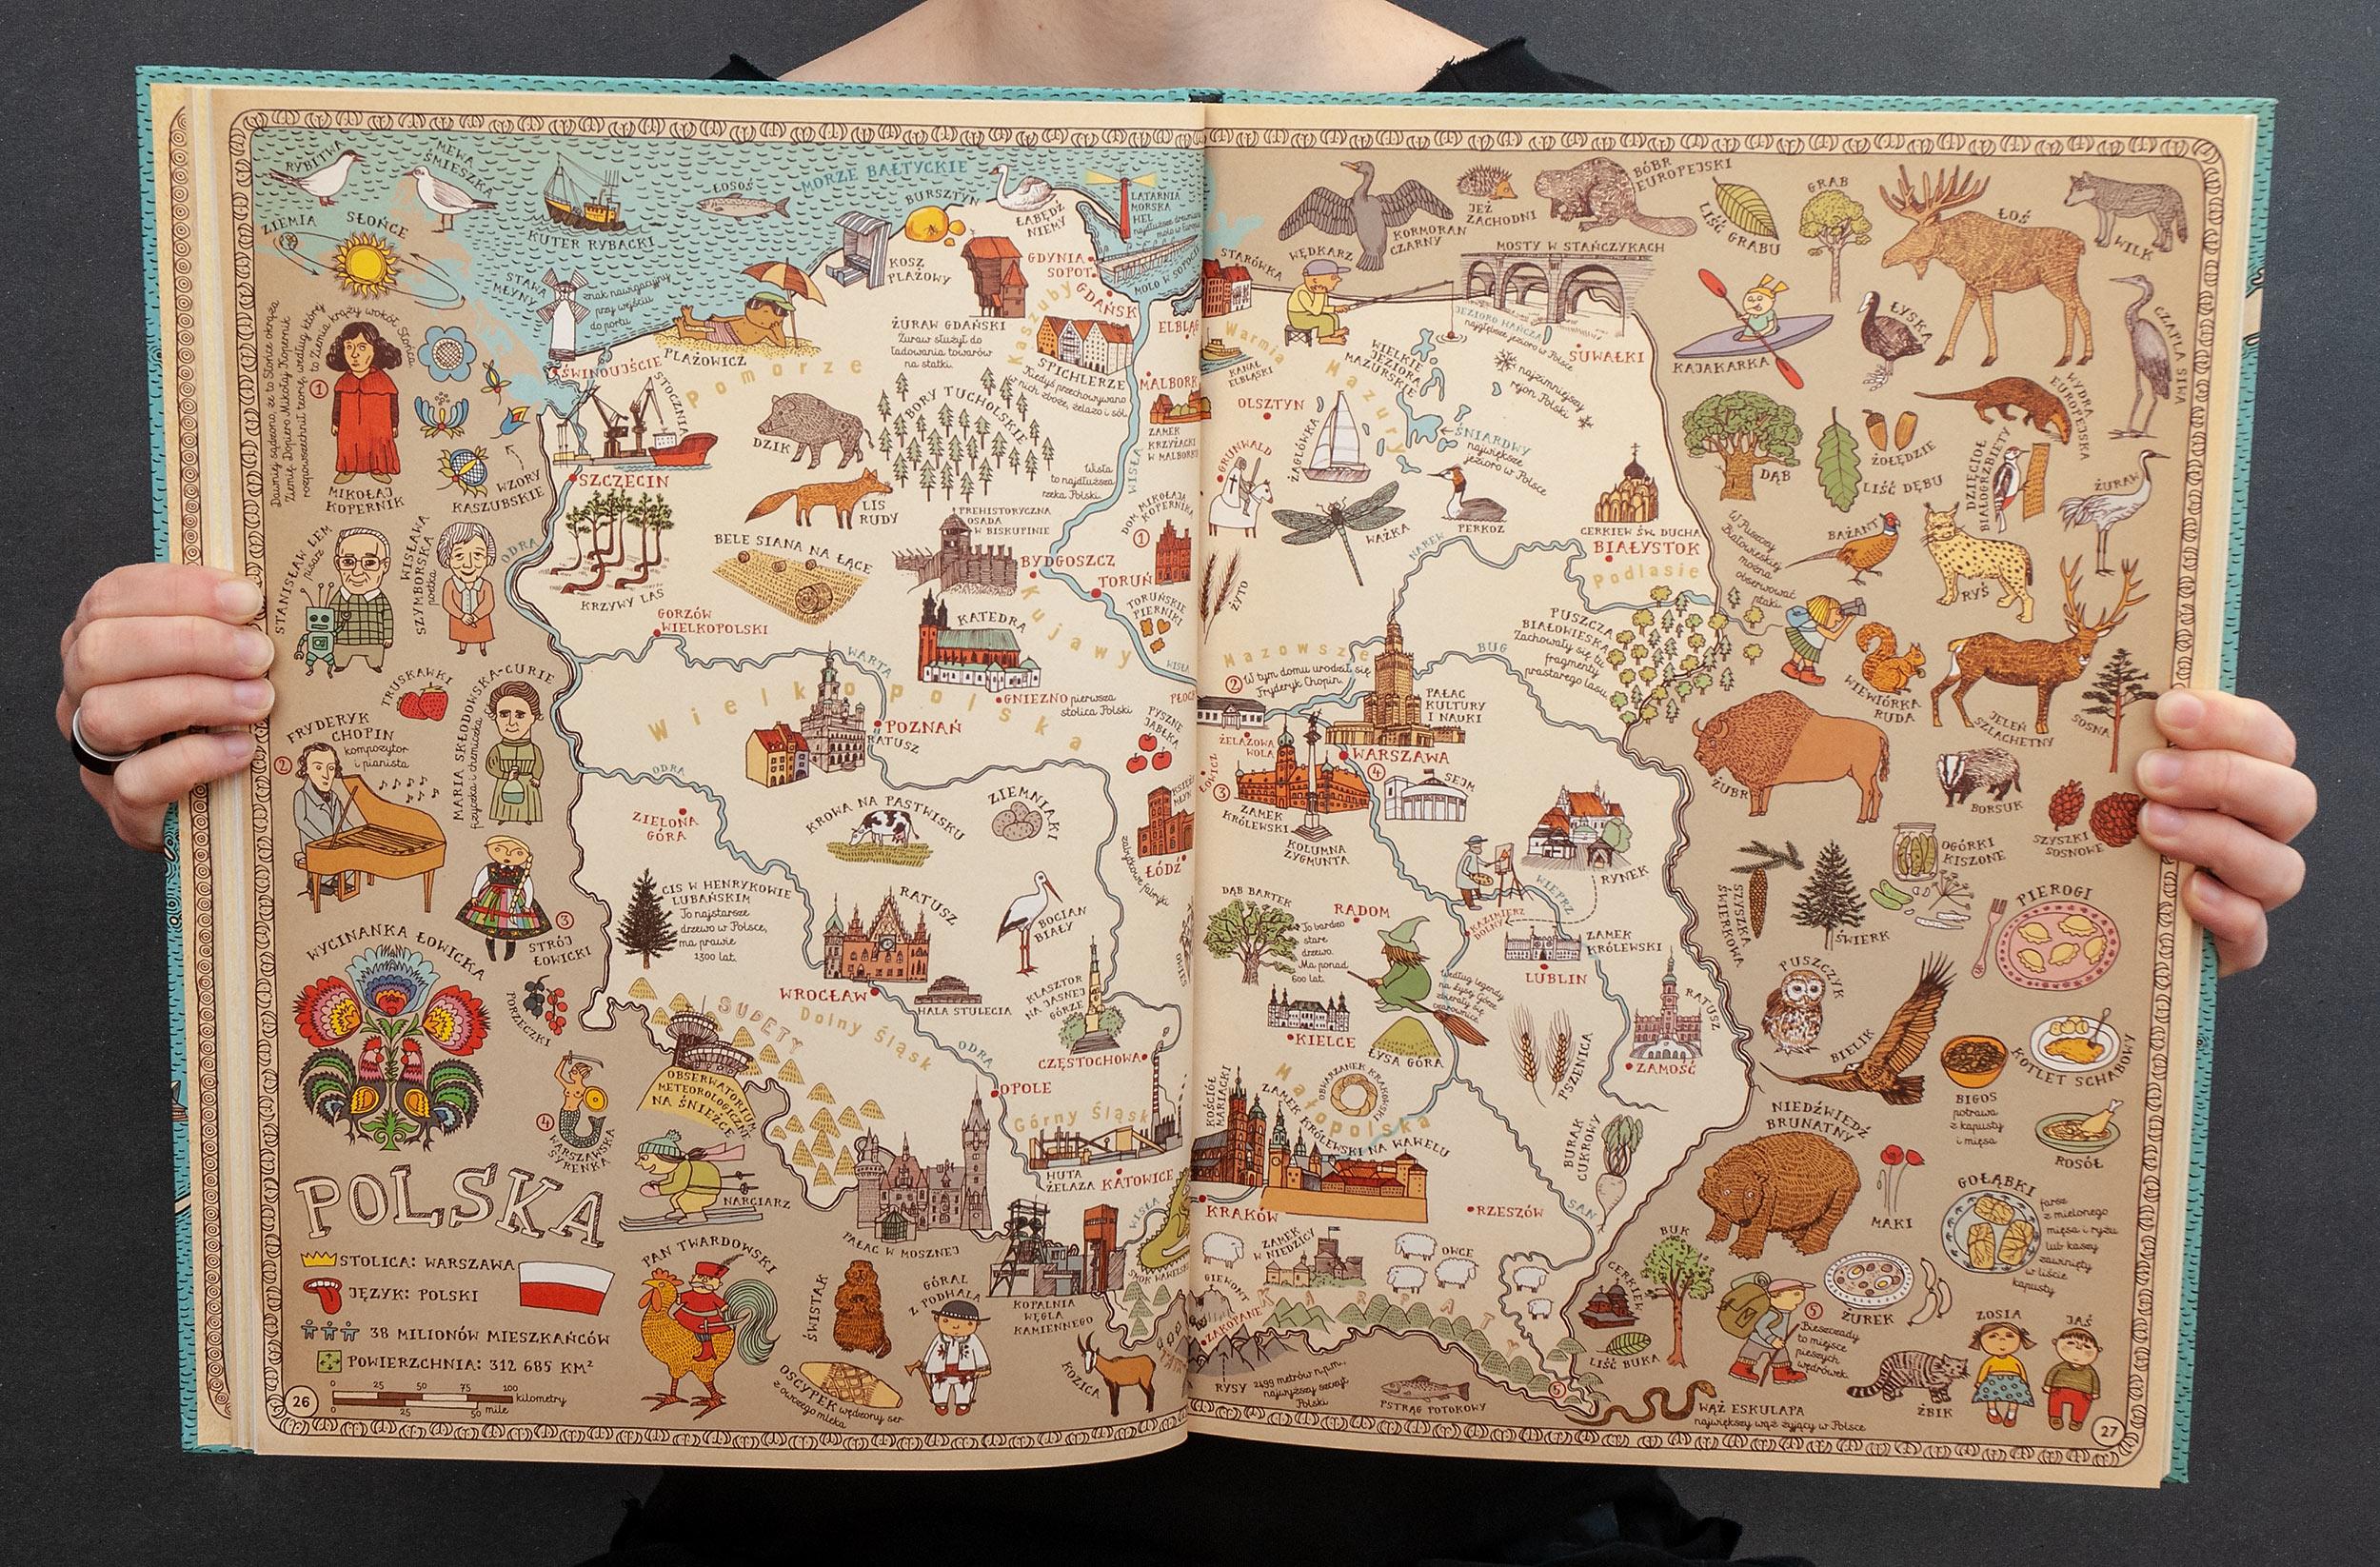 mapy-niebieskie-III-wydanie-02.jpg